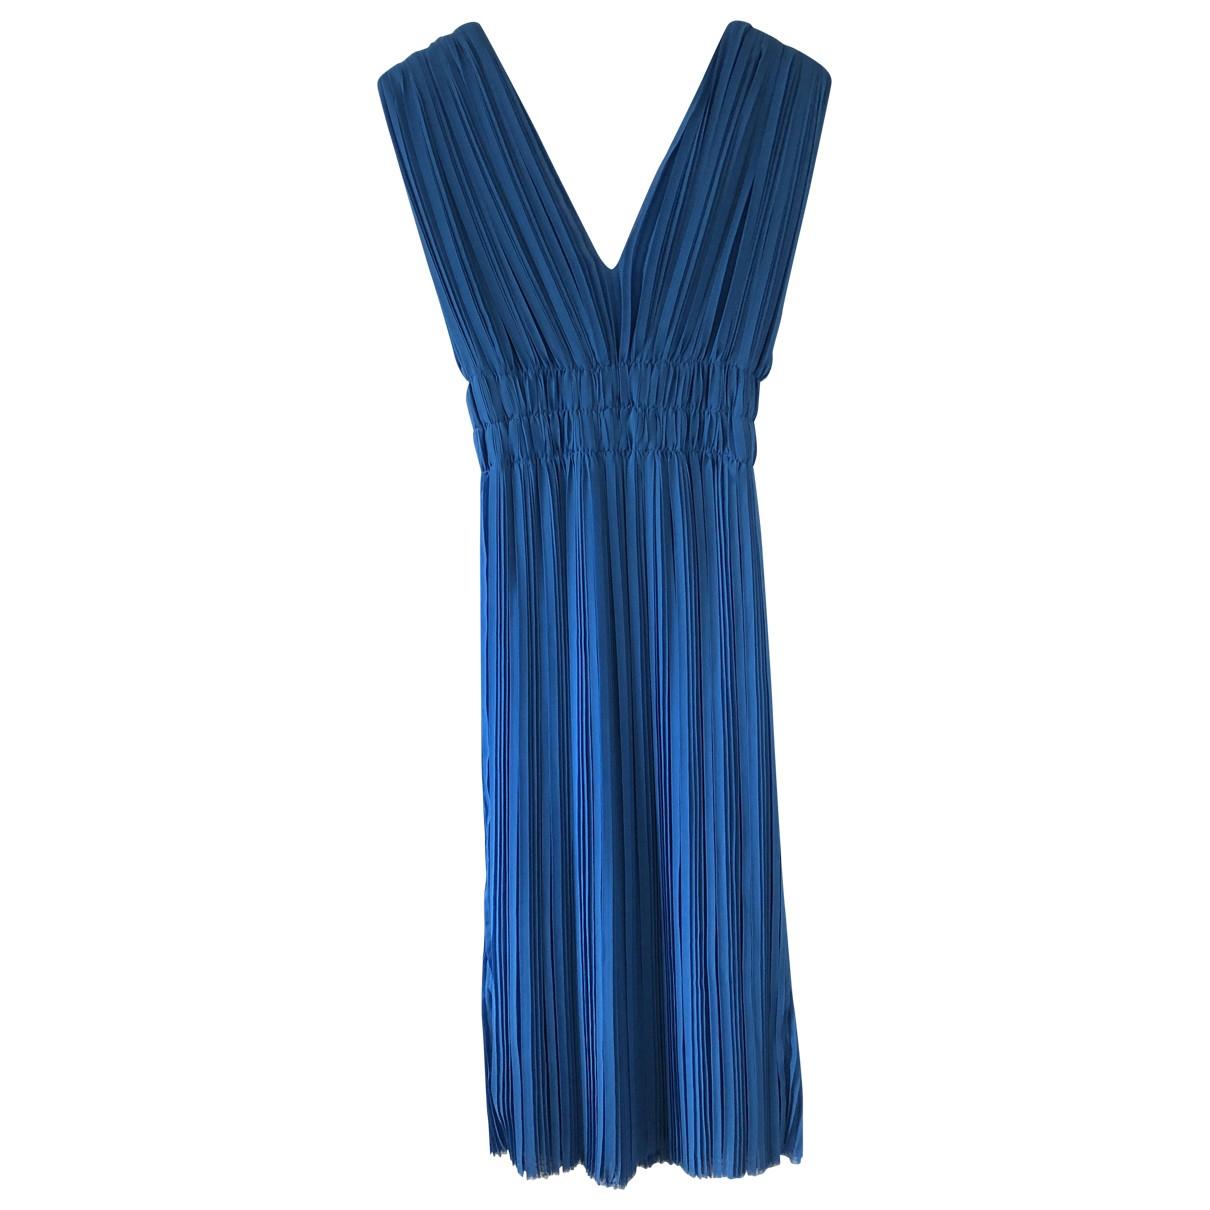 Parosh \N Kleid in  Blau Polyester